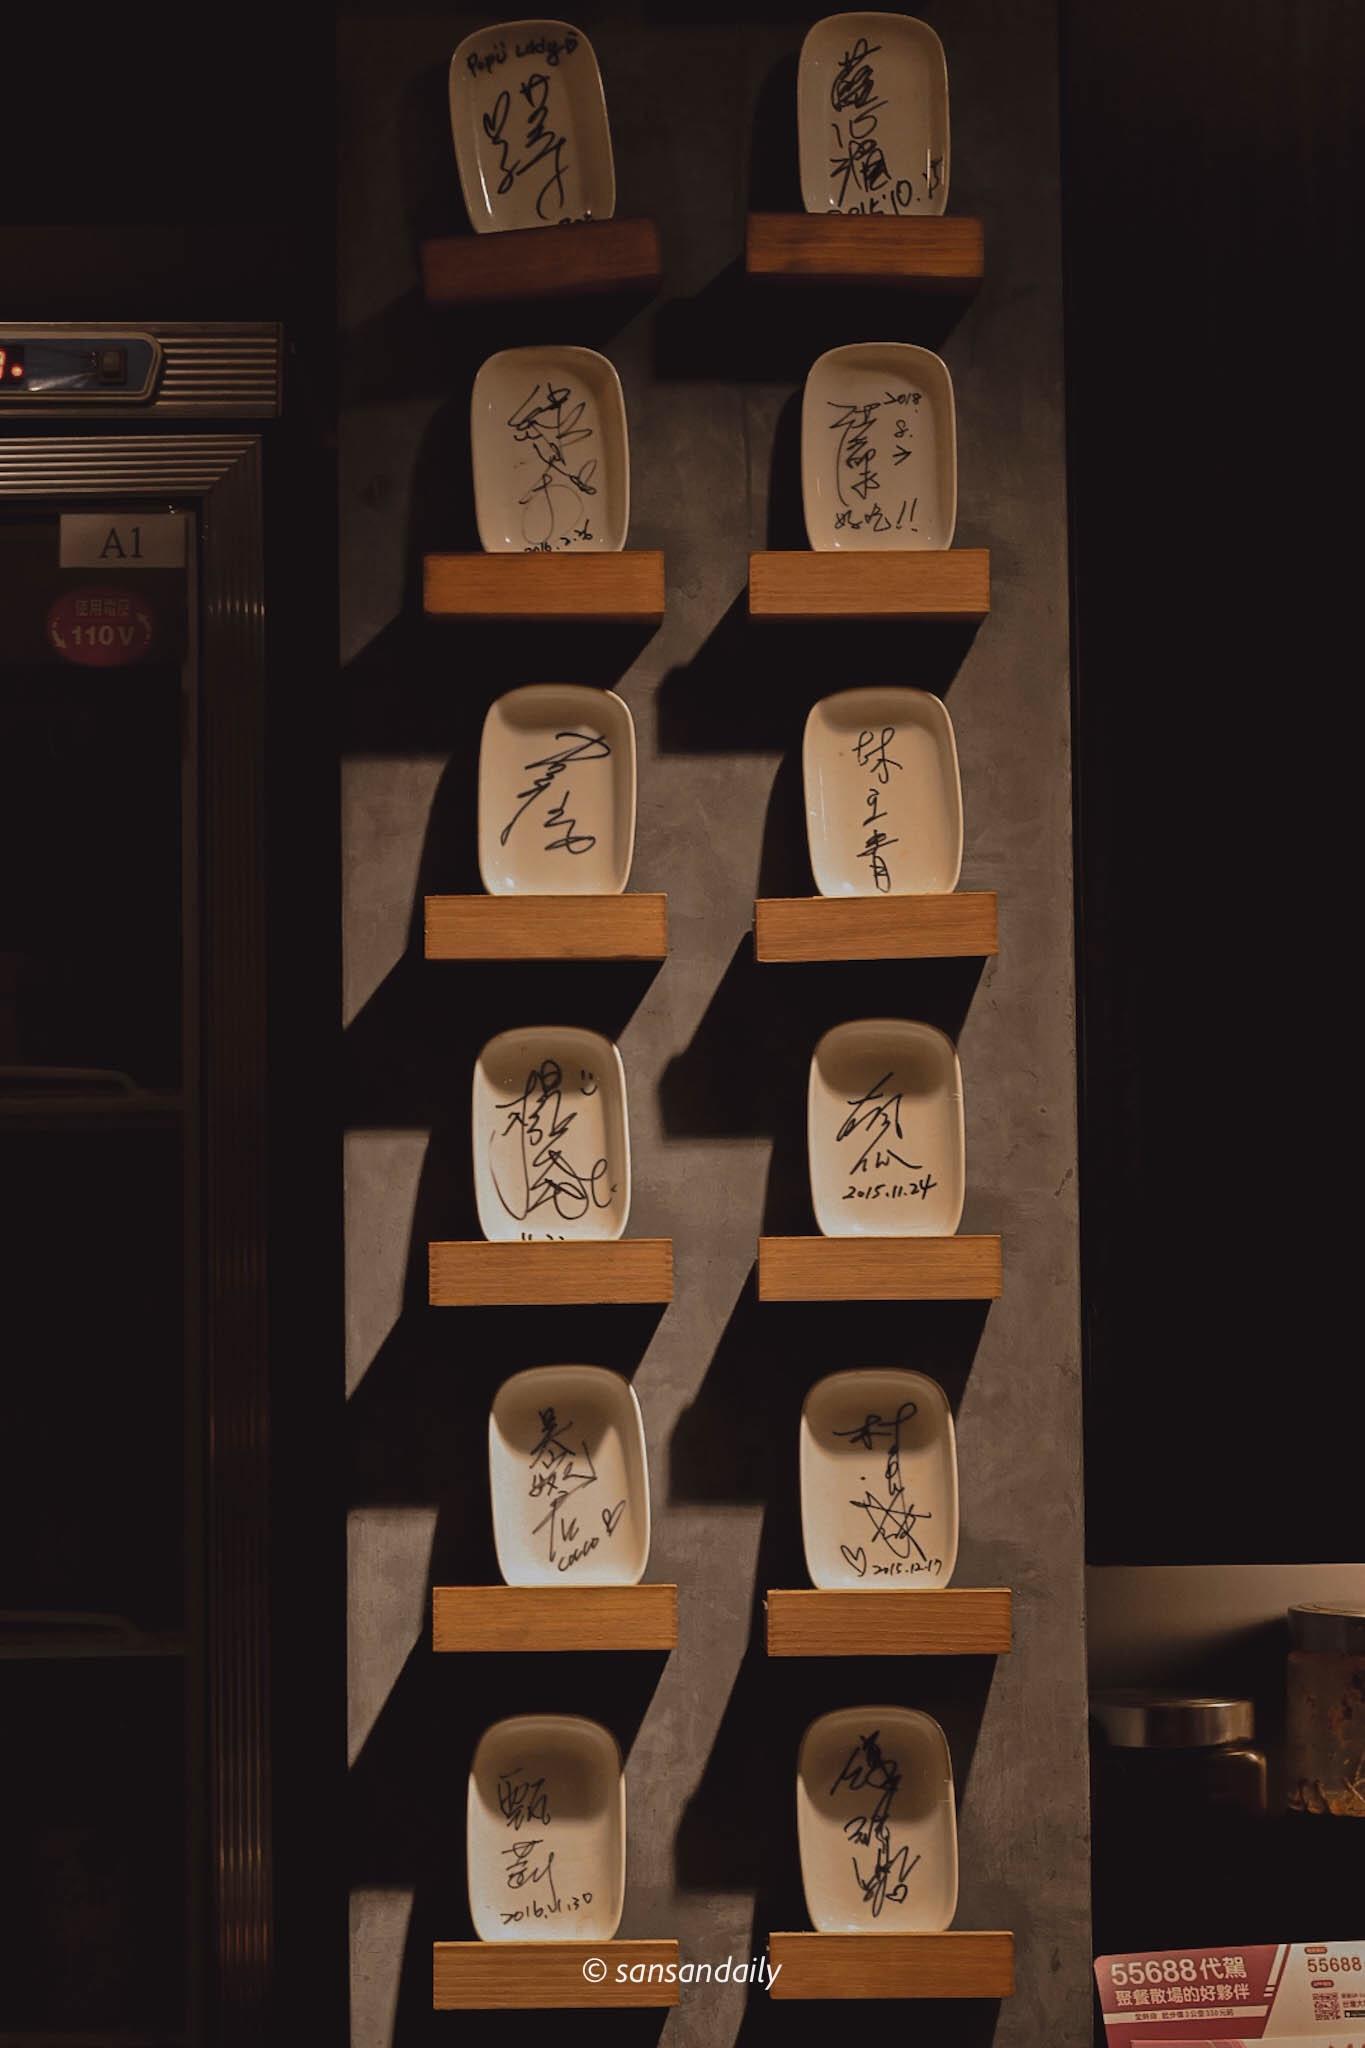 娘子韓食「到此一食」簽名牆